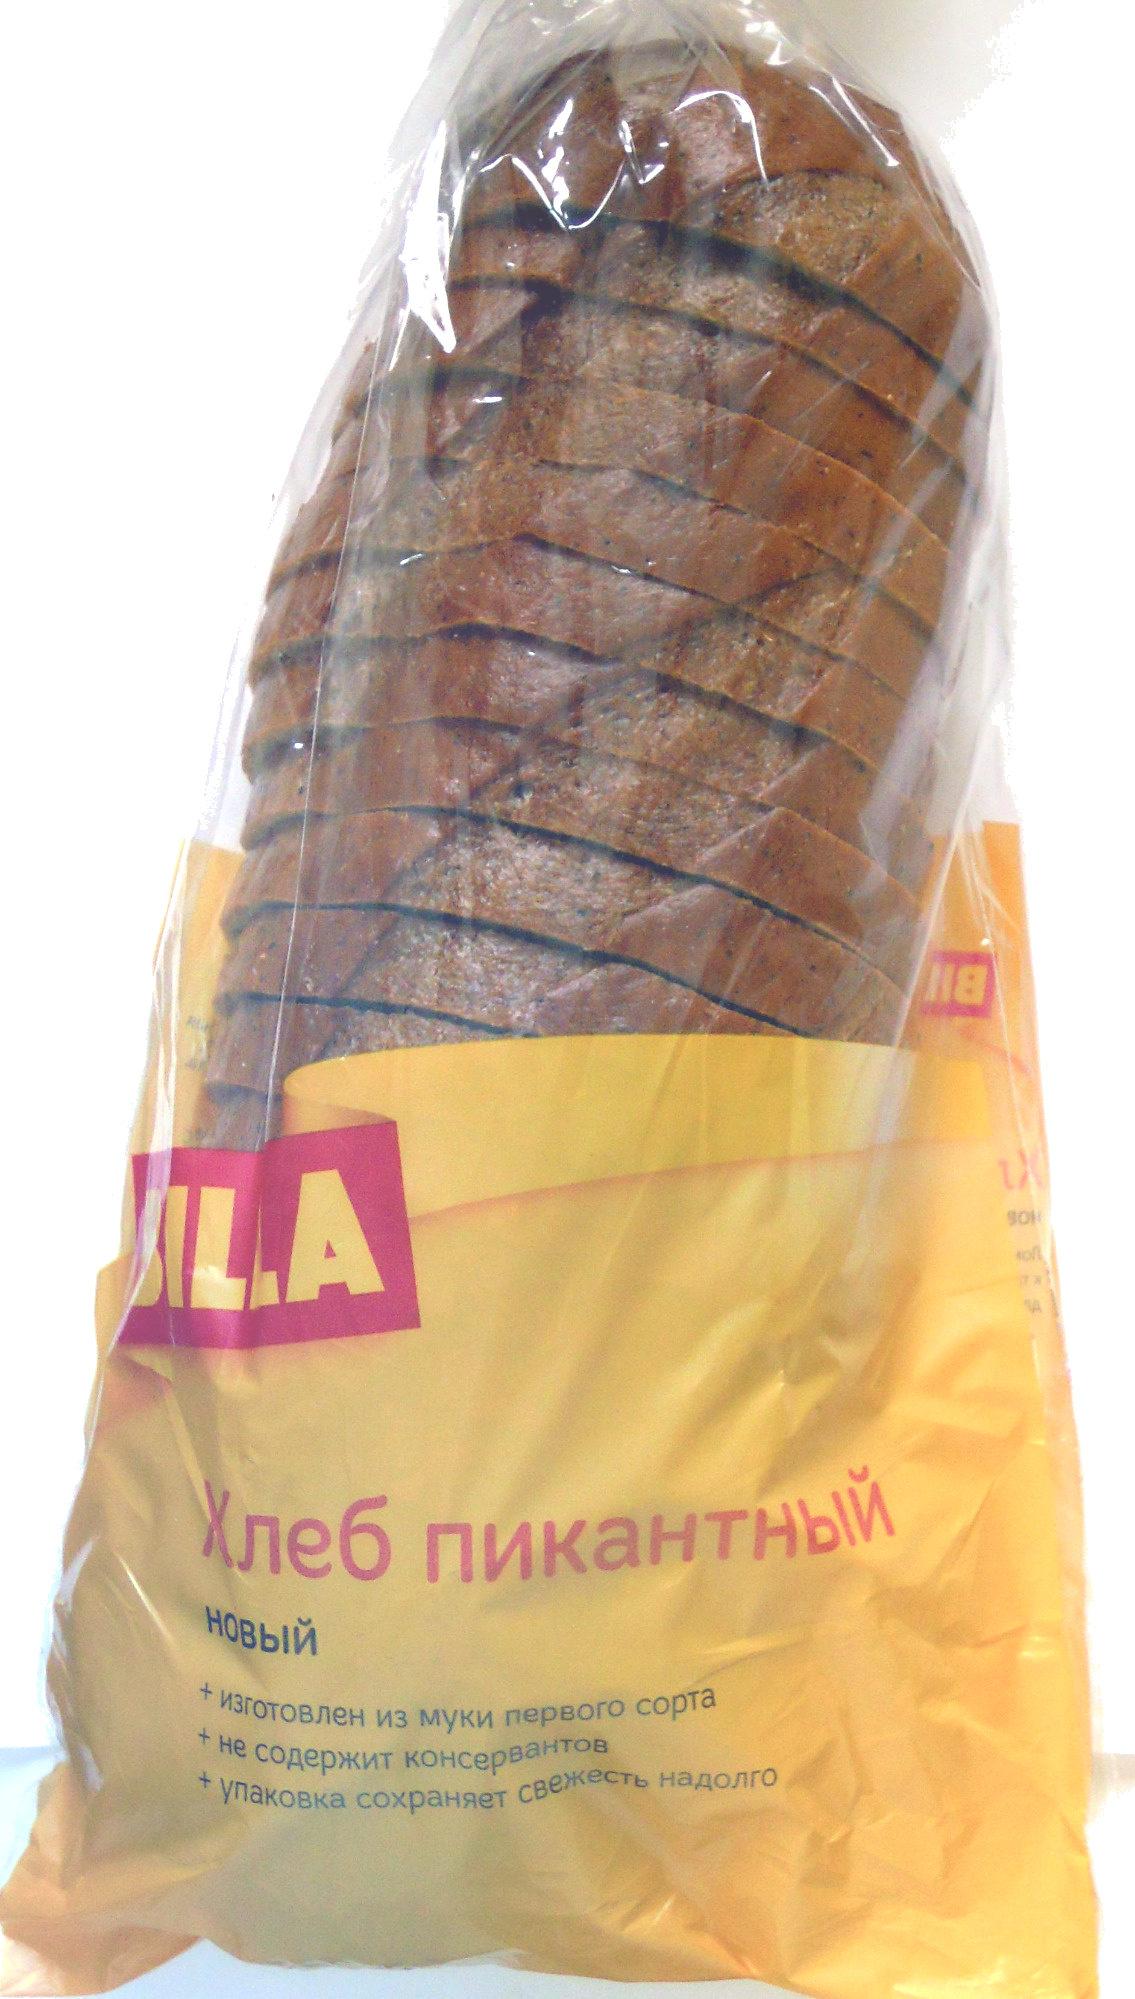 Хлеб Пикантный новый - Продукт